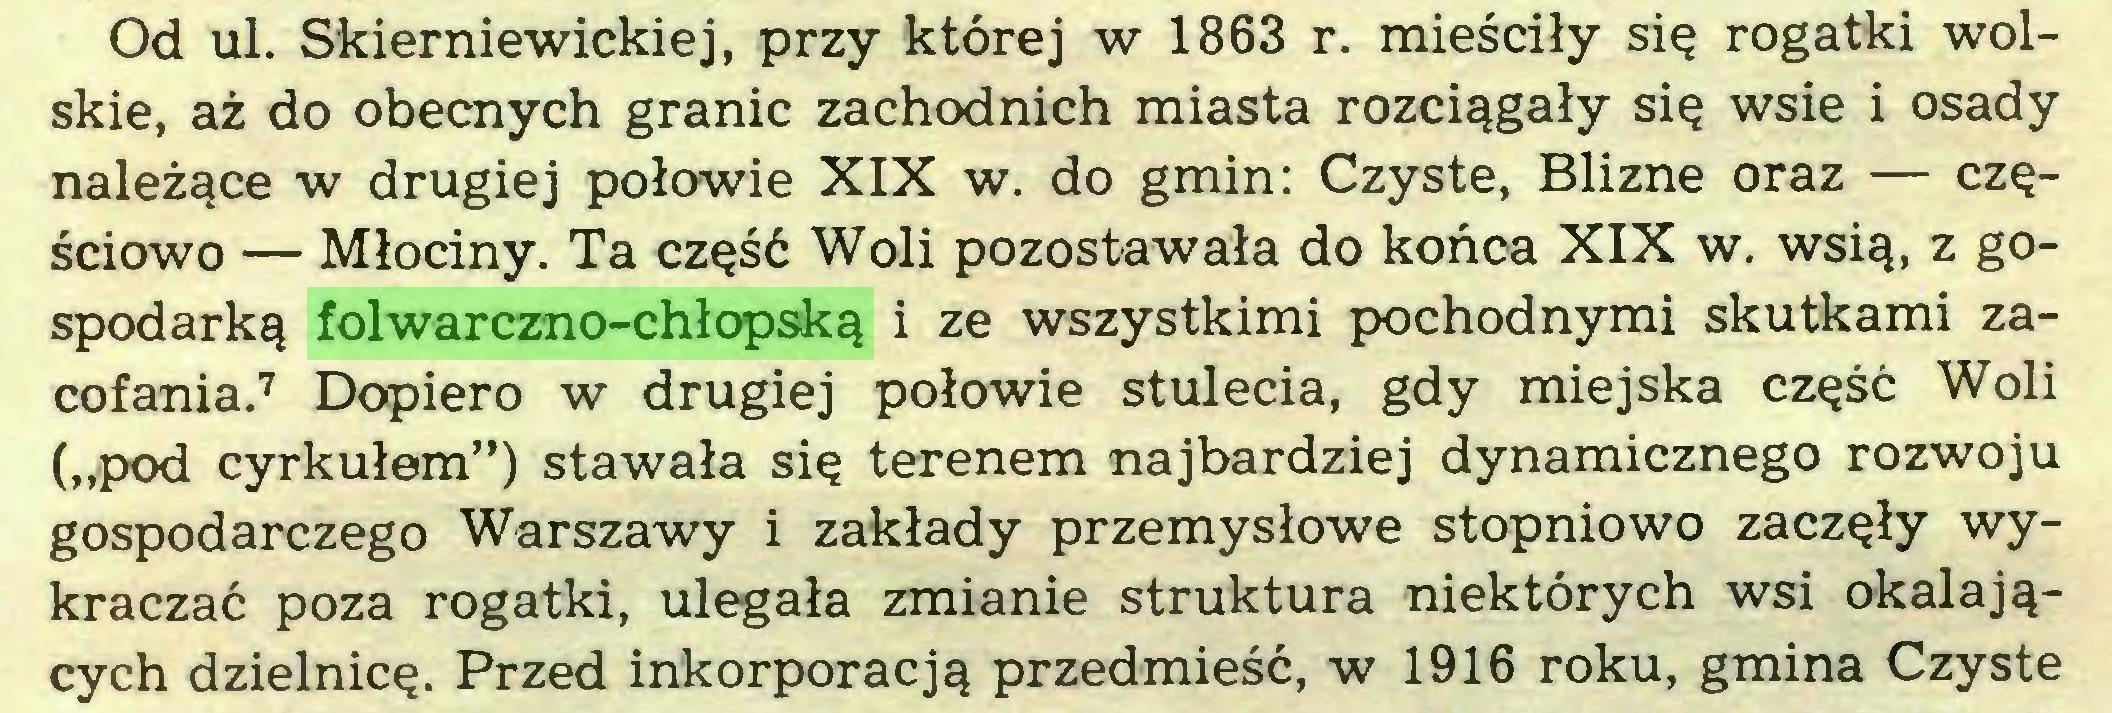 """(...) Od ul. Skierniewickiej, przy której w 1863 r. mieściły się rogatki wolskie, aż do obecnych granic zachodnich miasta rozciągały się wsie i osady należące w drugiej połowie XIX w. do gmin: Czyste, Bliznę oraz — częściowo — Młociny. Ta część Woli pozostawała do końca XIX w. wsią, z gospodarką folwarczno-chłopską i ze wszystkimi pochodnymi skutkami zacofania.7 Dopiero w drugiej połowie stulecia, gdy miejska część Woli (""""pod cyrkułem"""") stawała się terenem najbardziej dynamicznego rozwoju gospodarczego Warszawy i zakłady przemysłowe stopniowo zaczęły wykraczać poza rogatki, ulegała zmianie struktura niektórych wsi okalających dzielnicę. Przed inkorporacją przedmieść, w 1916 roku, gmina Czyste..."""